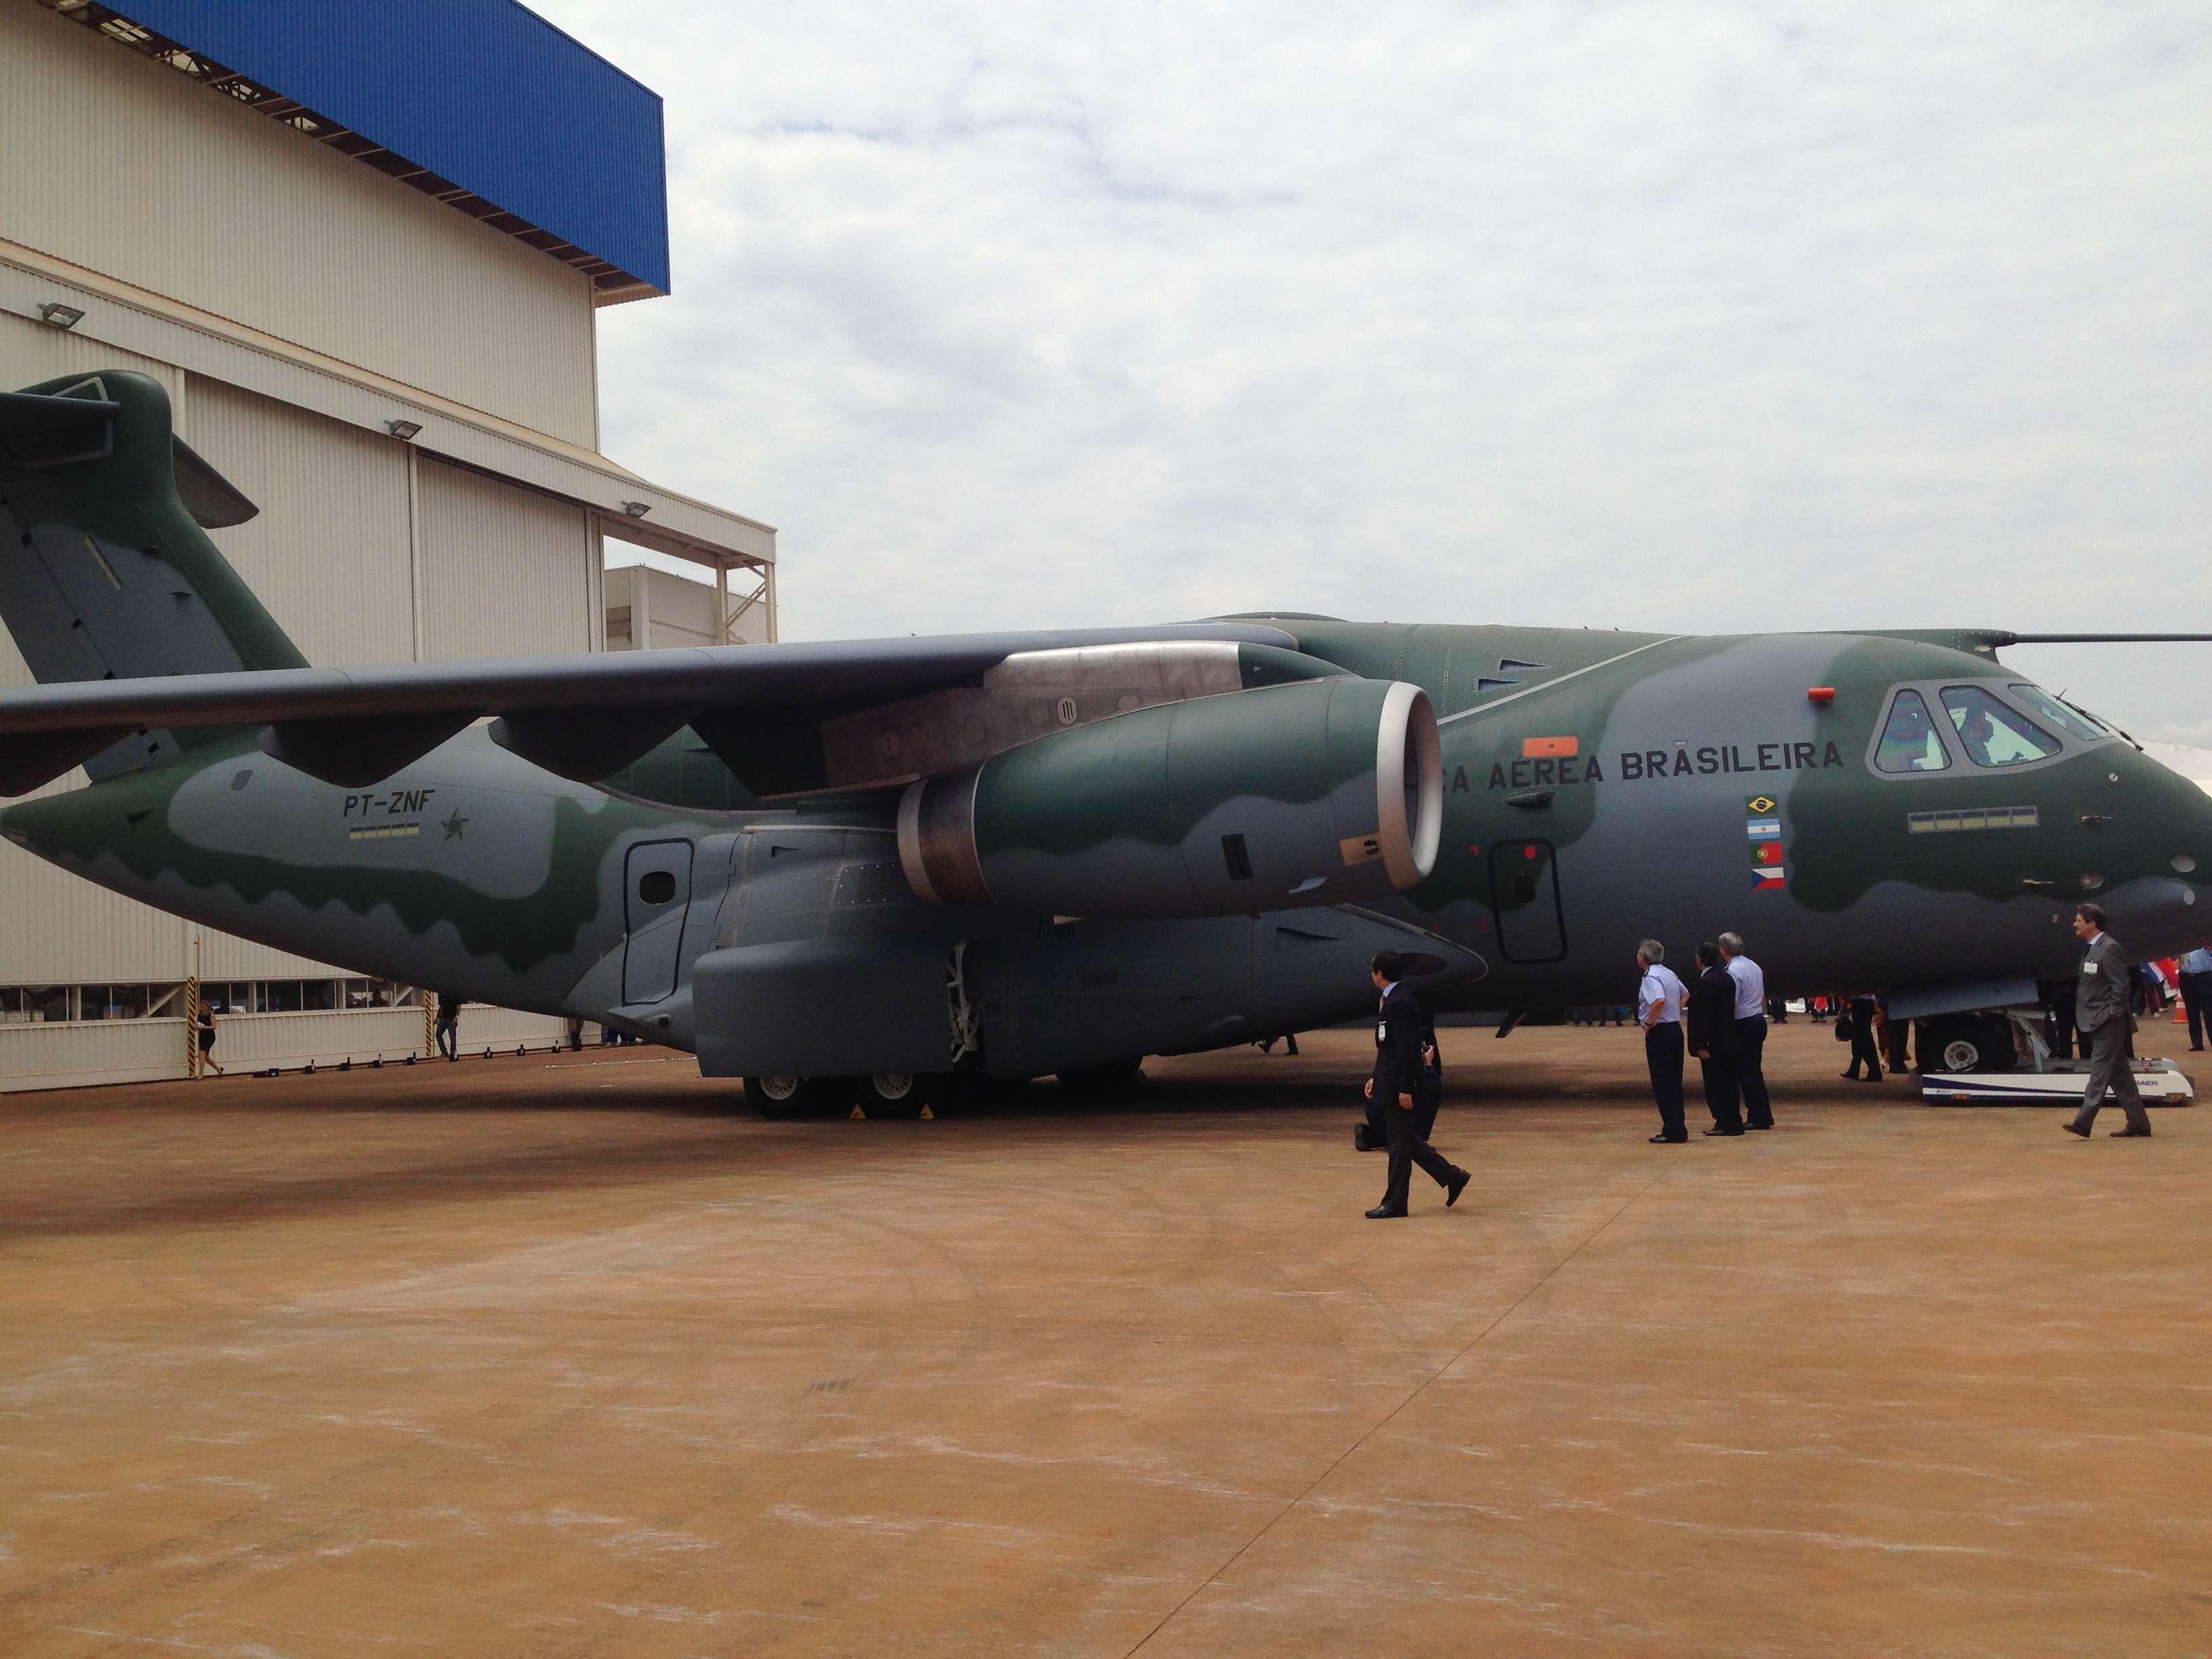 Feito para o transporte militar, o modelo já tem 28 encomendas da Força Aérea Brasileira Foto: Rodrigo Trindade/Terra